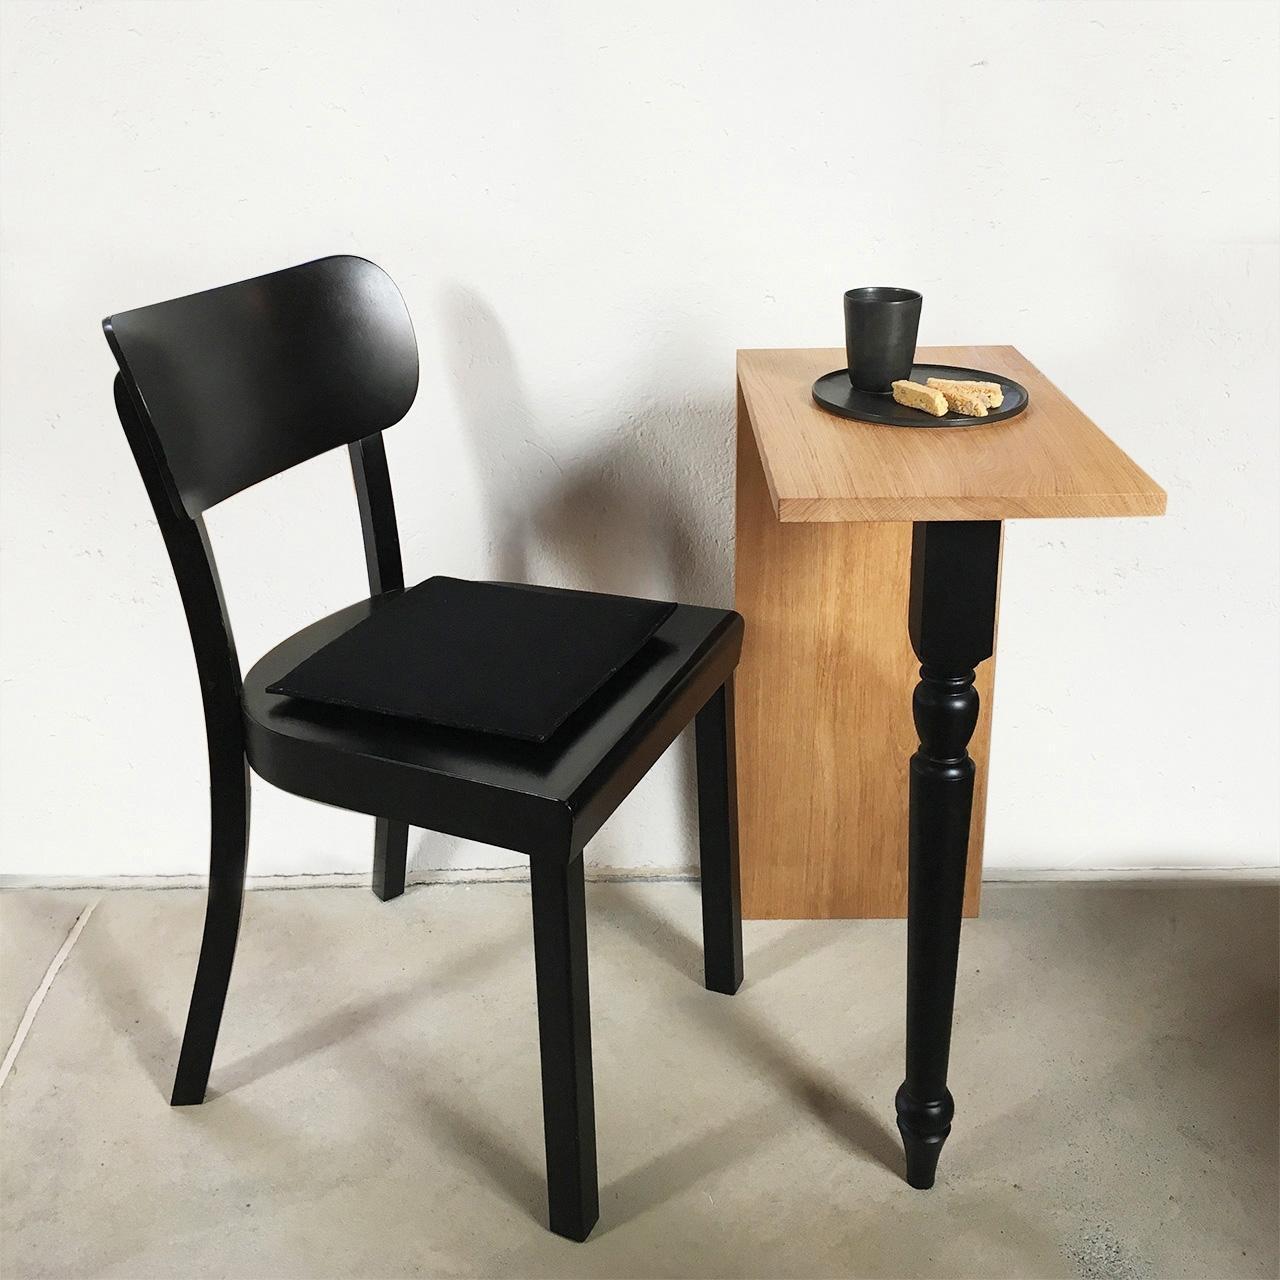 Home Office Tischlein Der kleine Schreibtisch